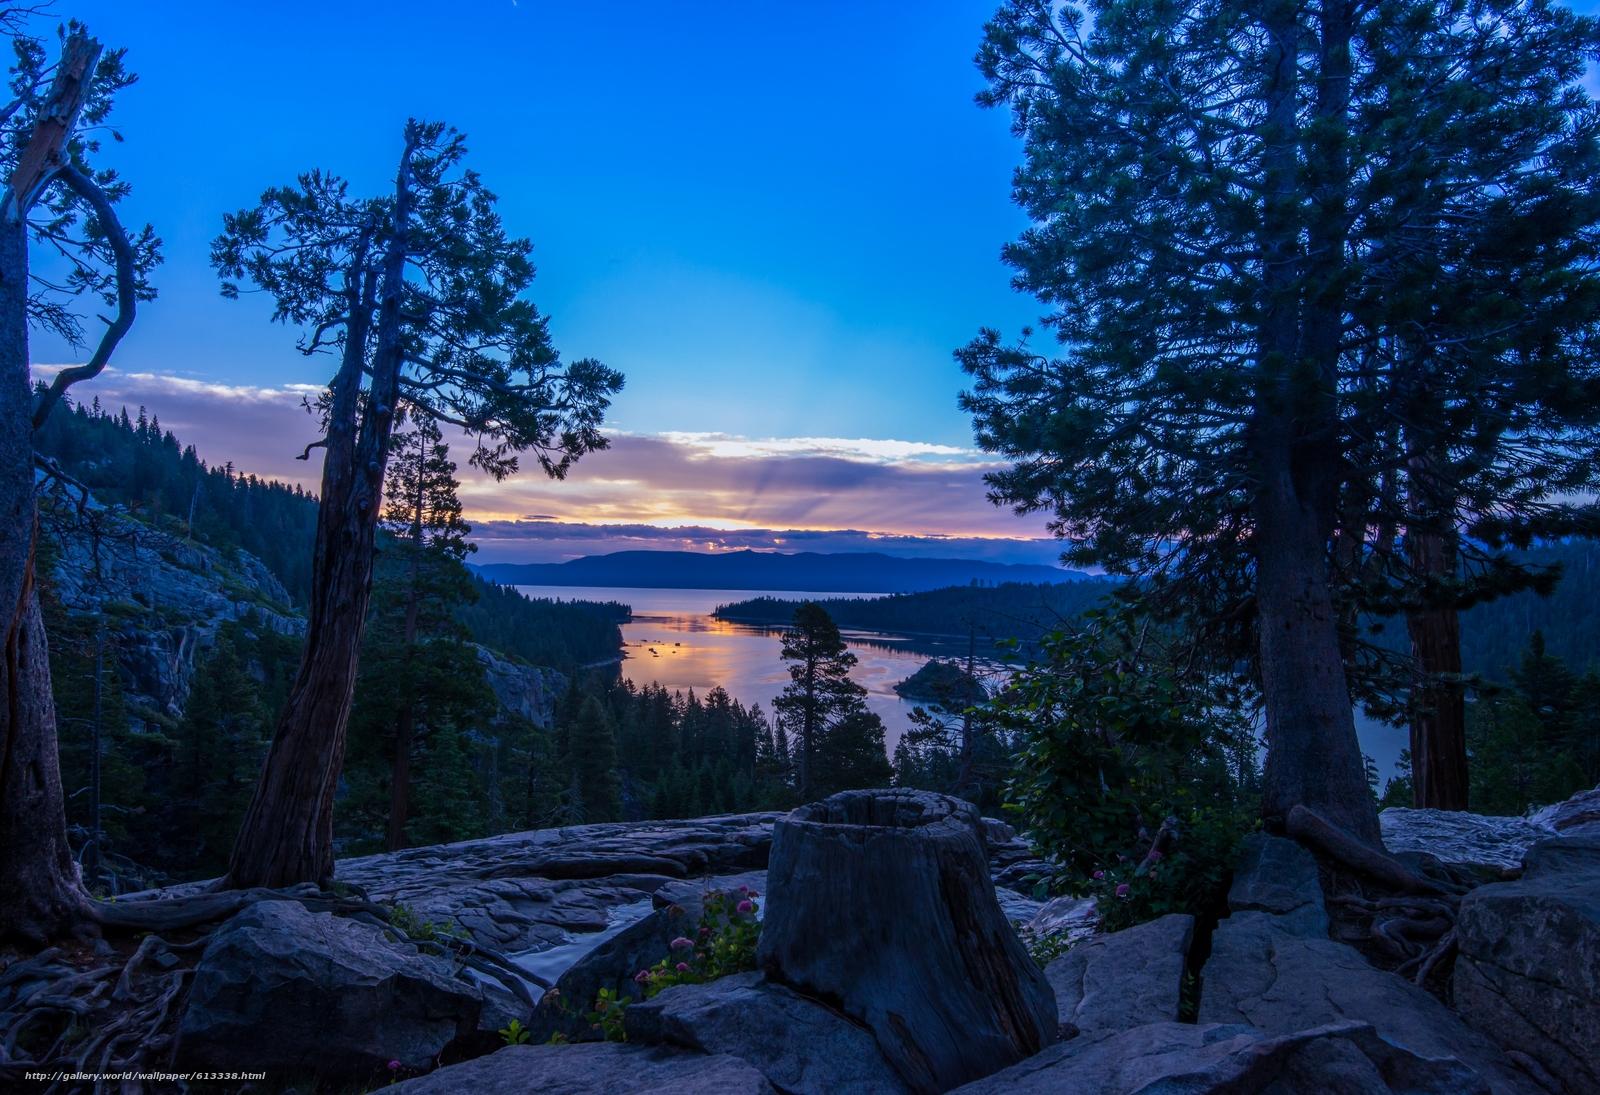 Download Wallpaper Lake Tahoe, California, Nevada, Sierra